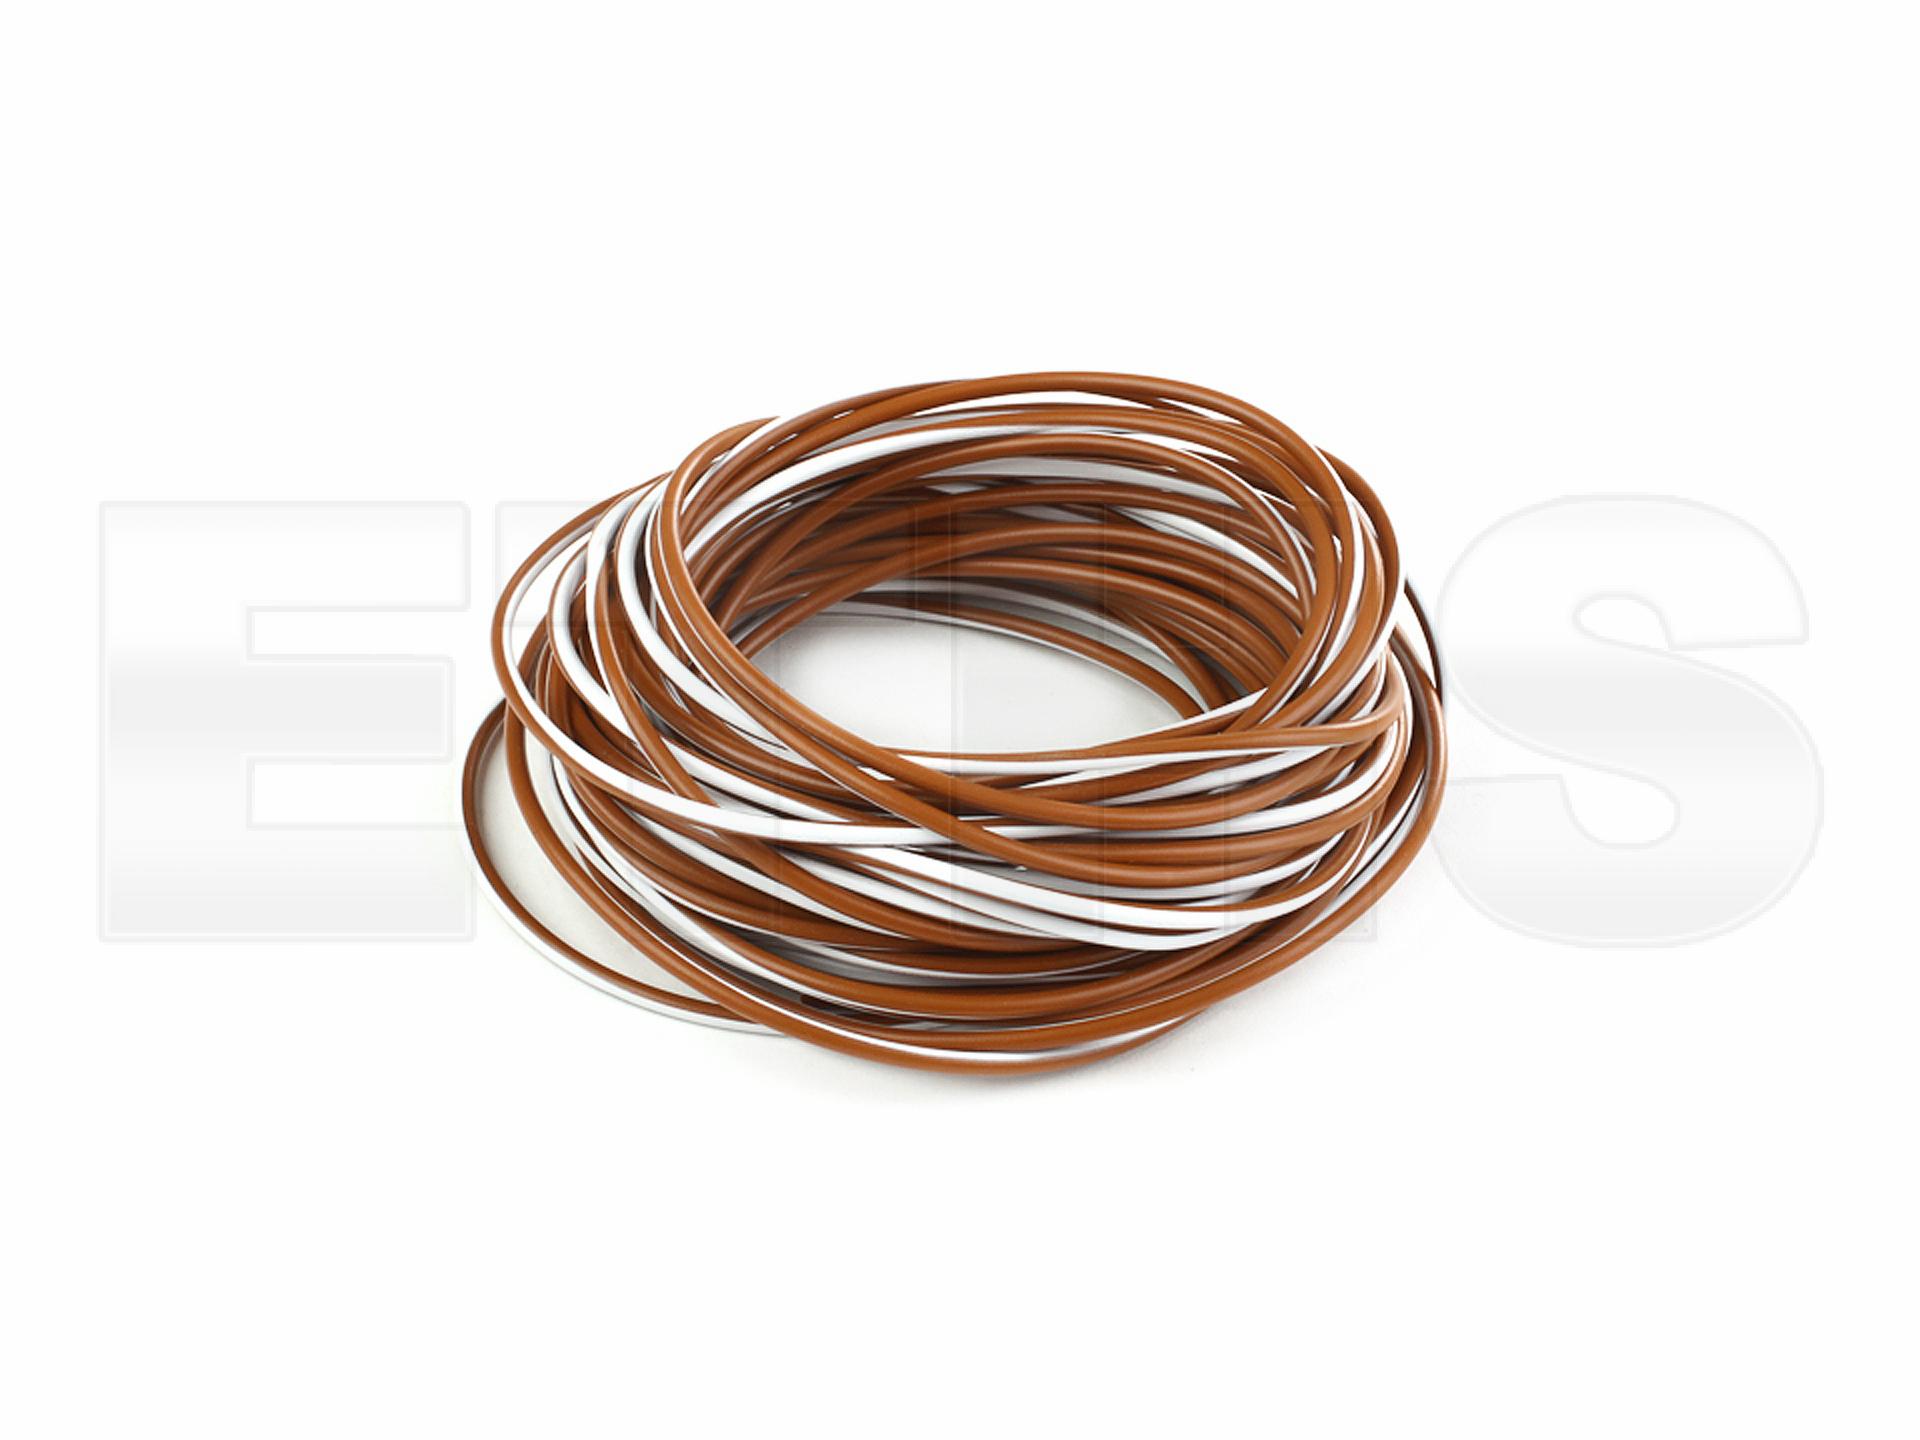 kabel flry b braun wei 1 00mm 1 meter mz und simson ersatzteile shop. Black Bedroom Furniture Sets. Home Design Ideas